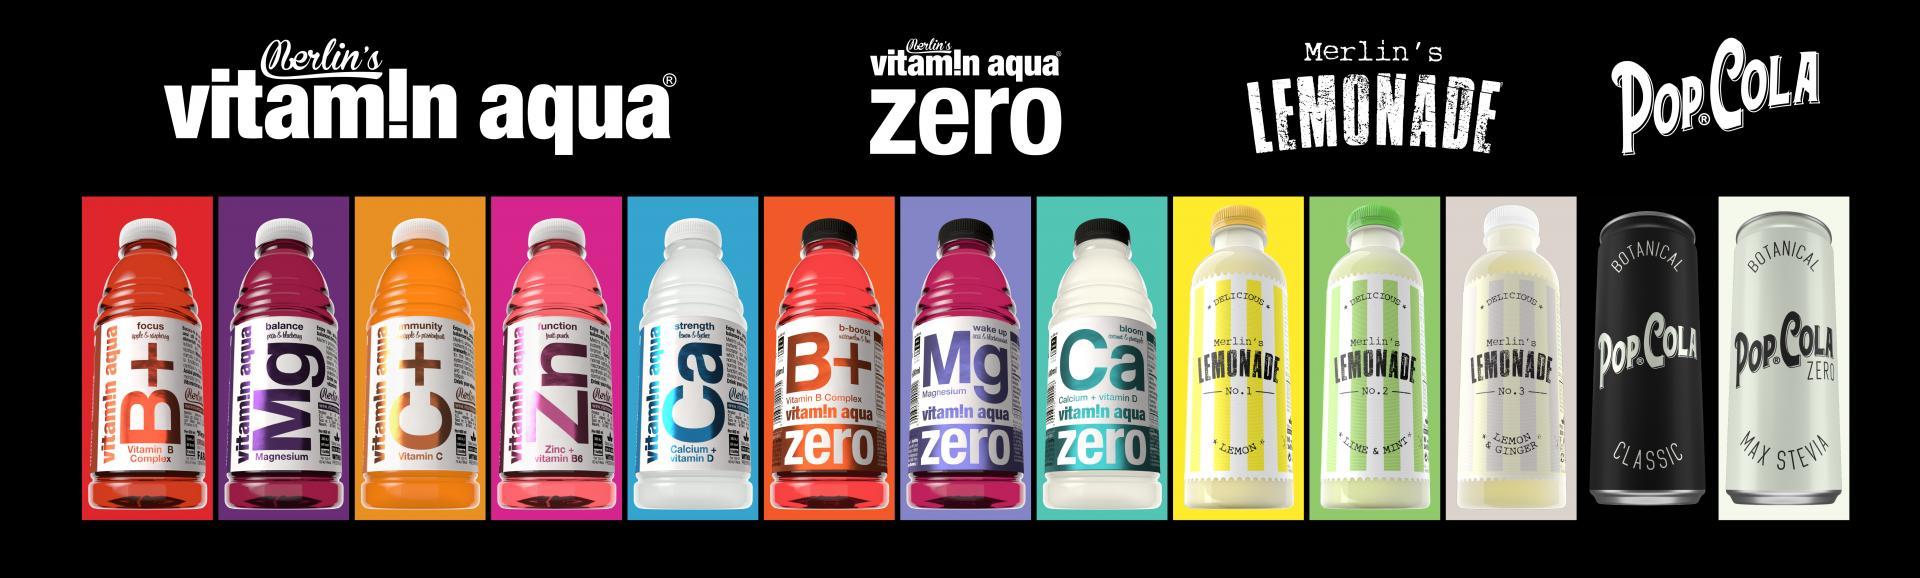 vitamin aq